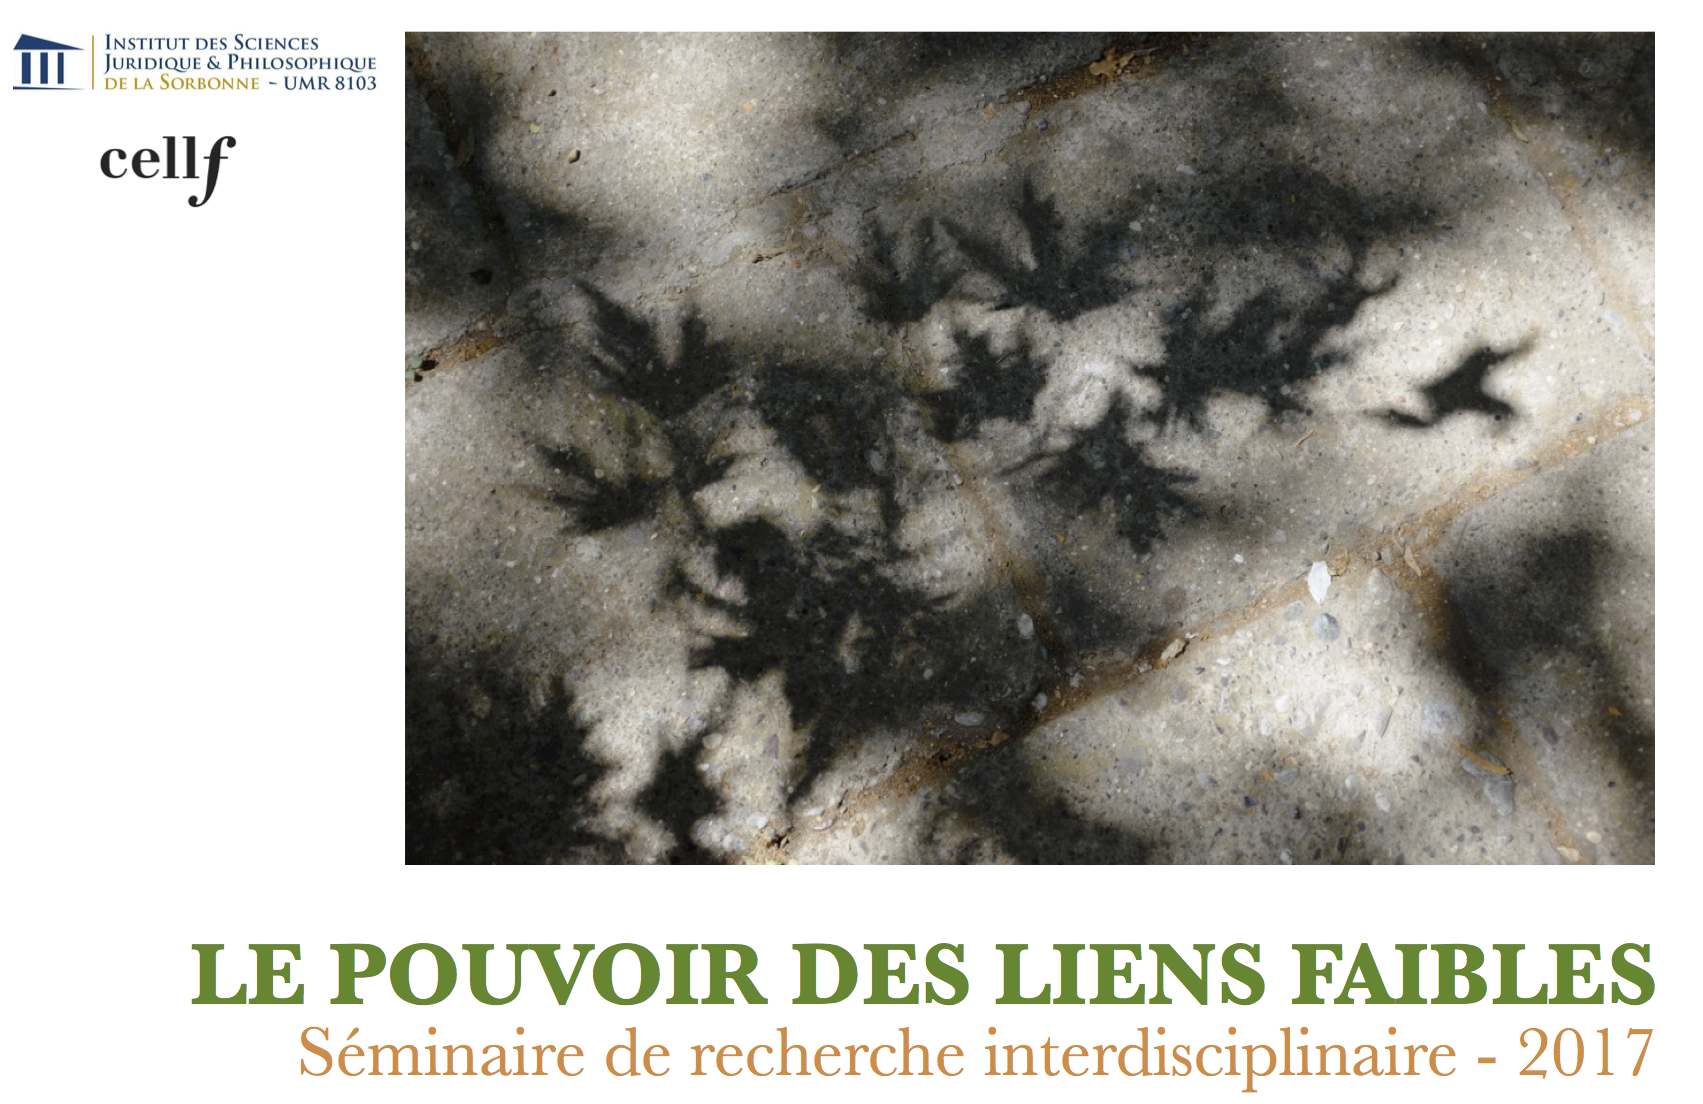 « Des hyperliens aux retweets », Valérie Schafer (Le Pouvoir des Liens Faibles. Séminaire de recherche interdisciplinaire)